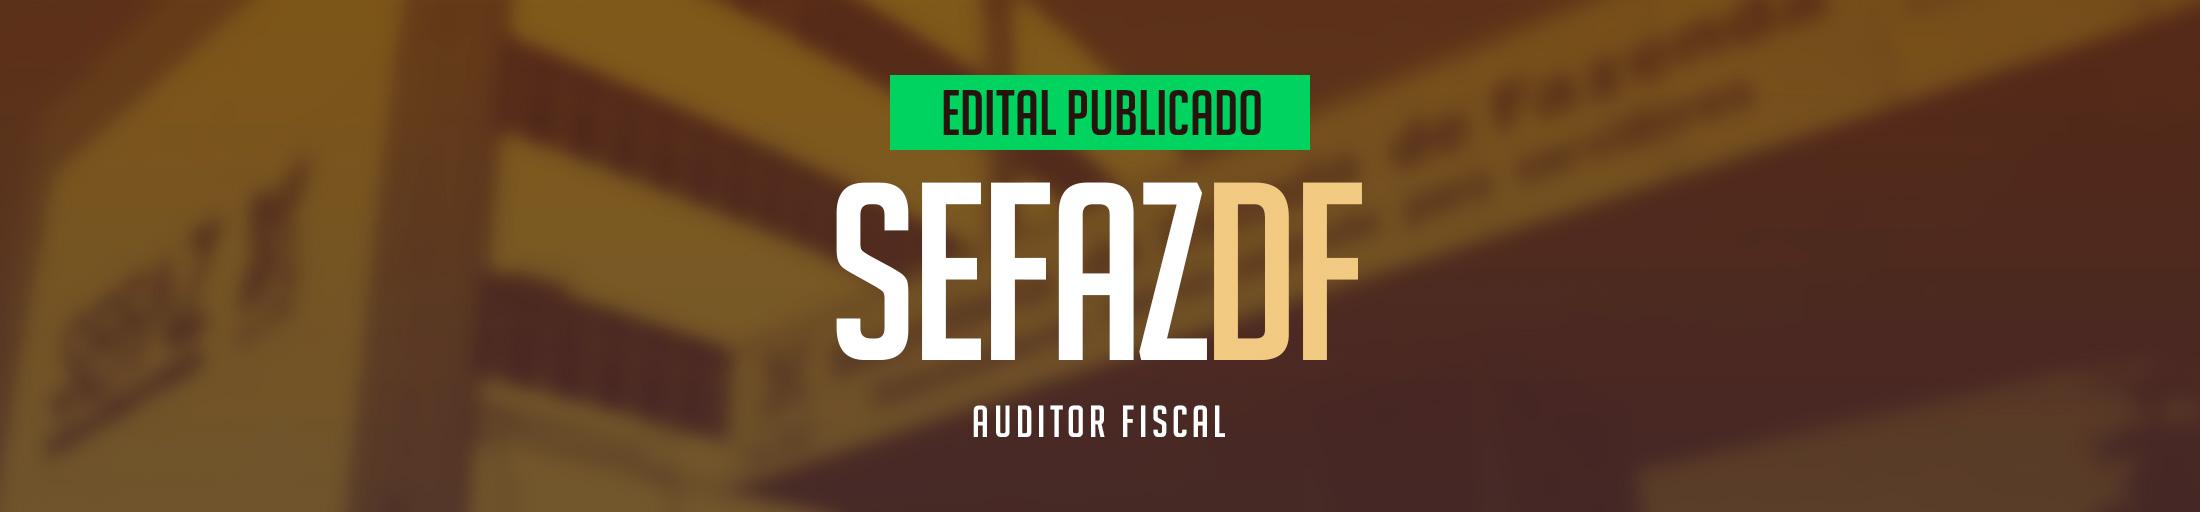 BANNER-SITE-SEFAZ-DF-EDITAL-PUBLICADO-PRESENCIAL